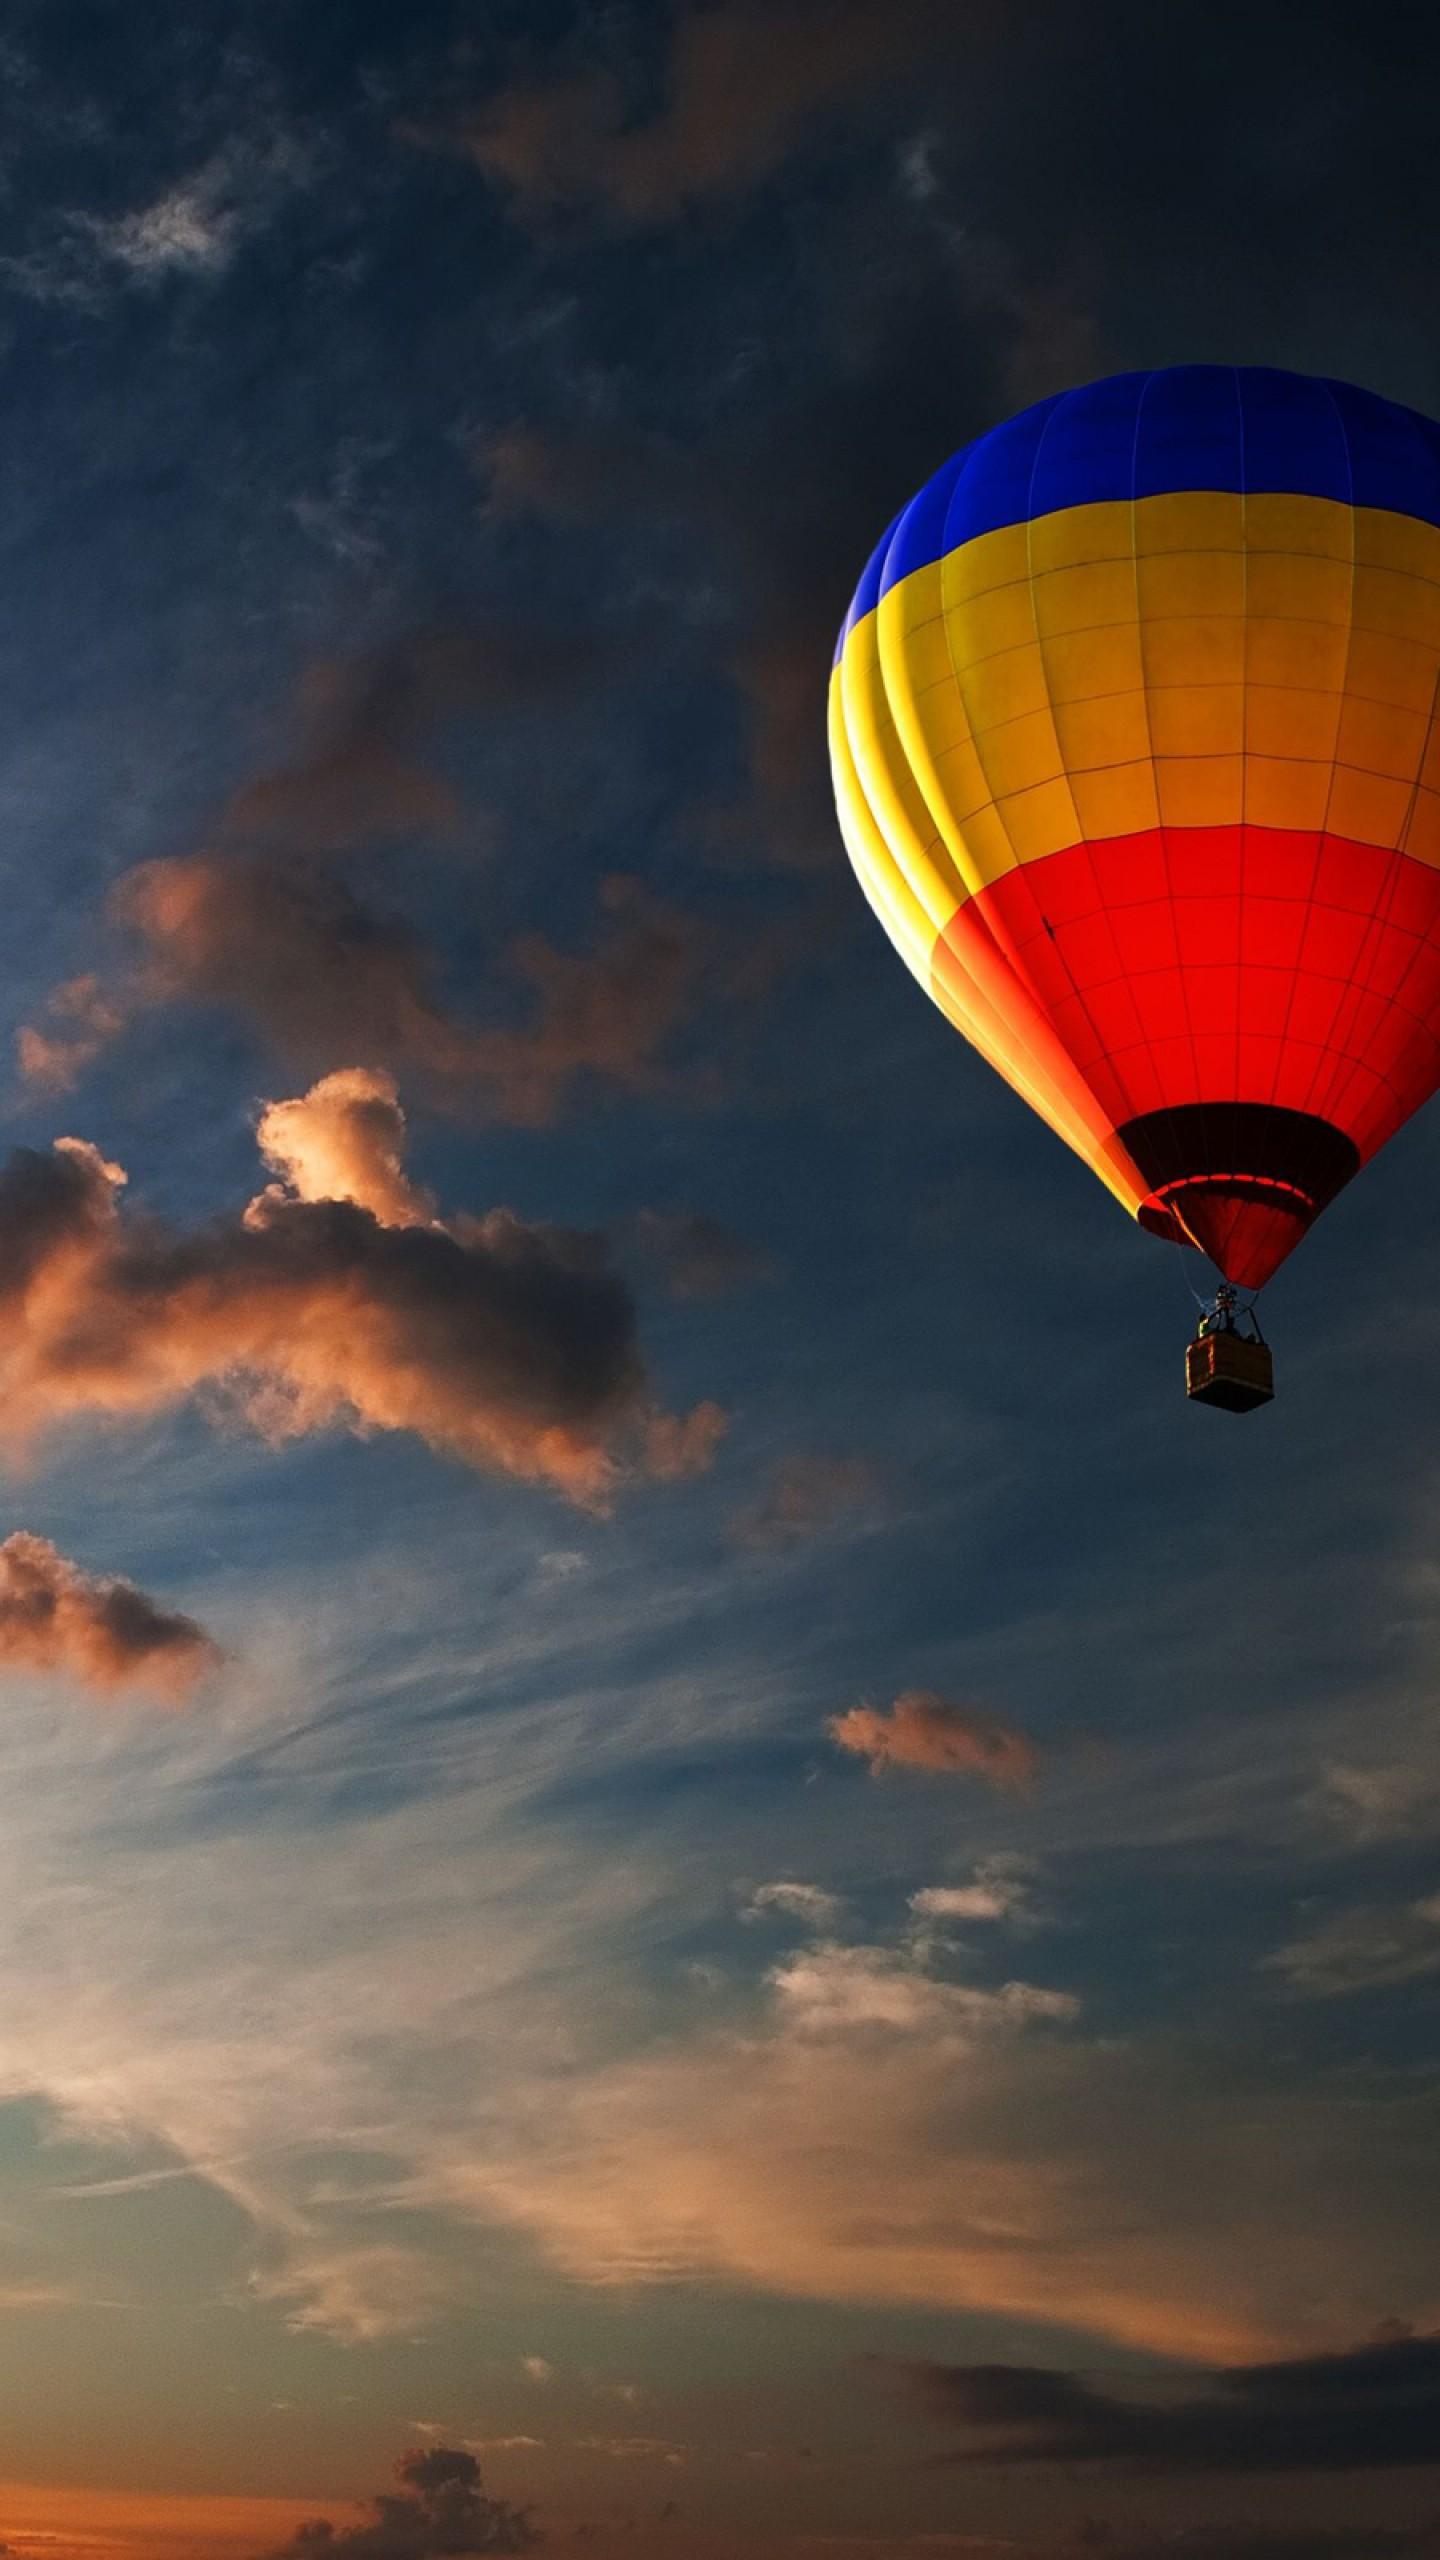 عکس زمینه بالن رنگارنگ در هوای گرم و غروب خورشید پس زمینه